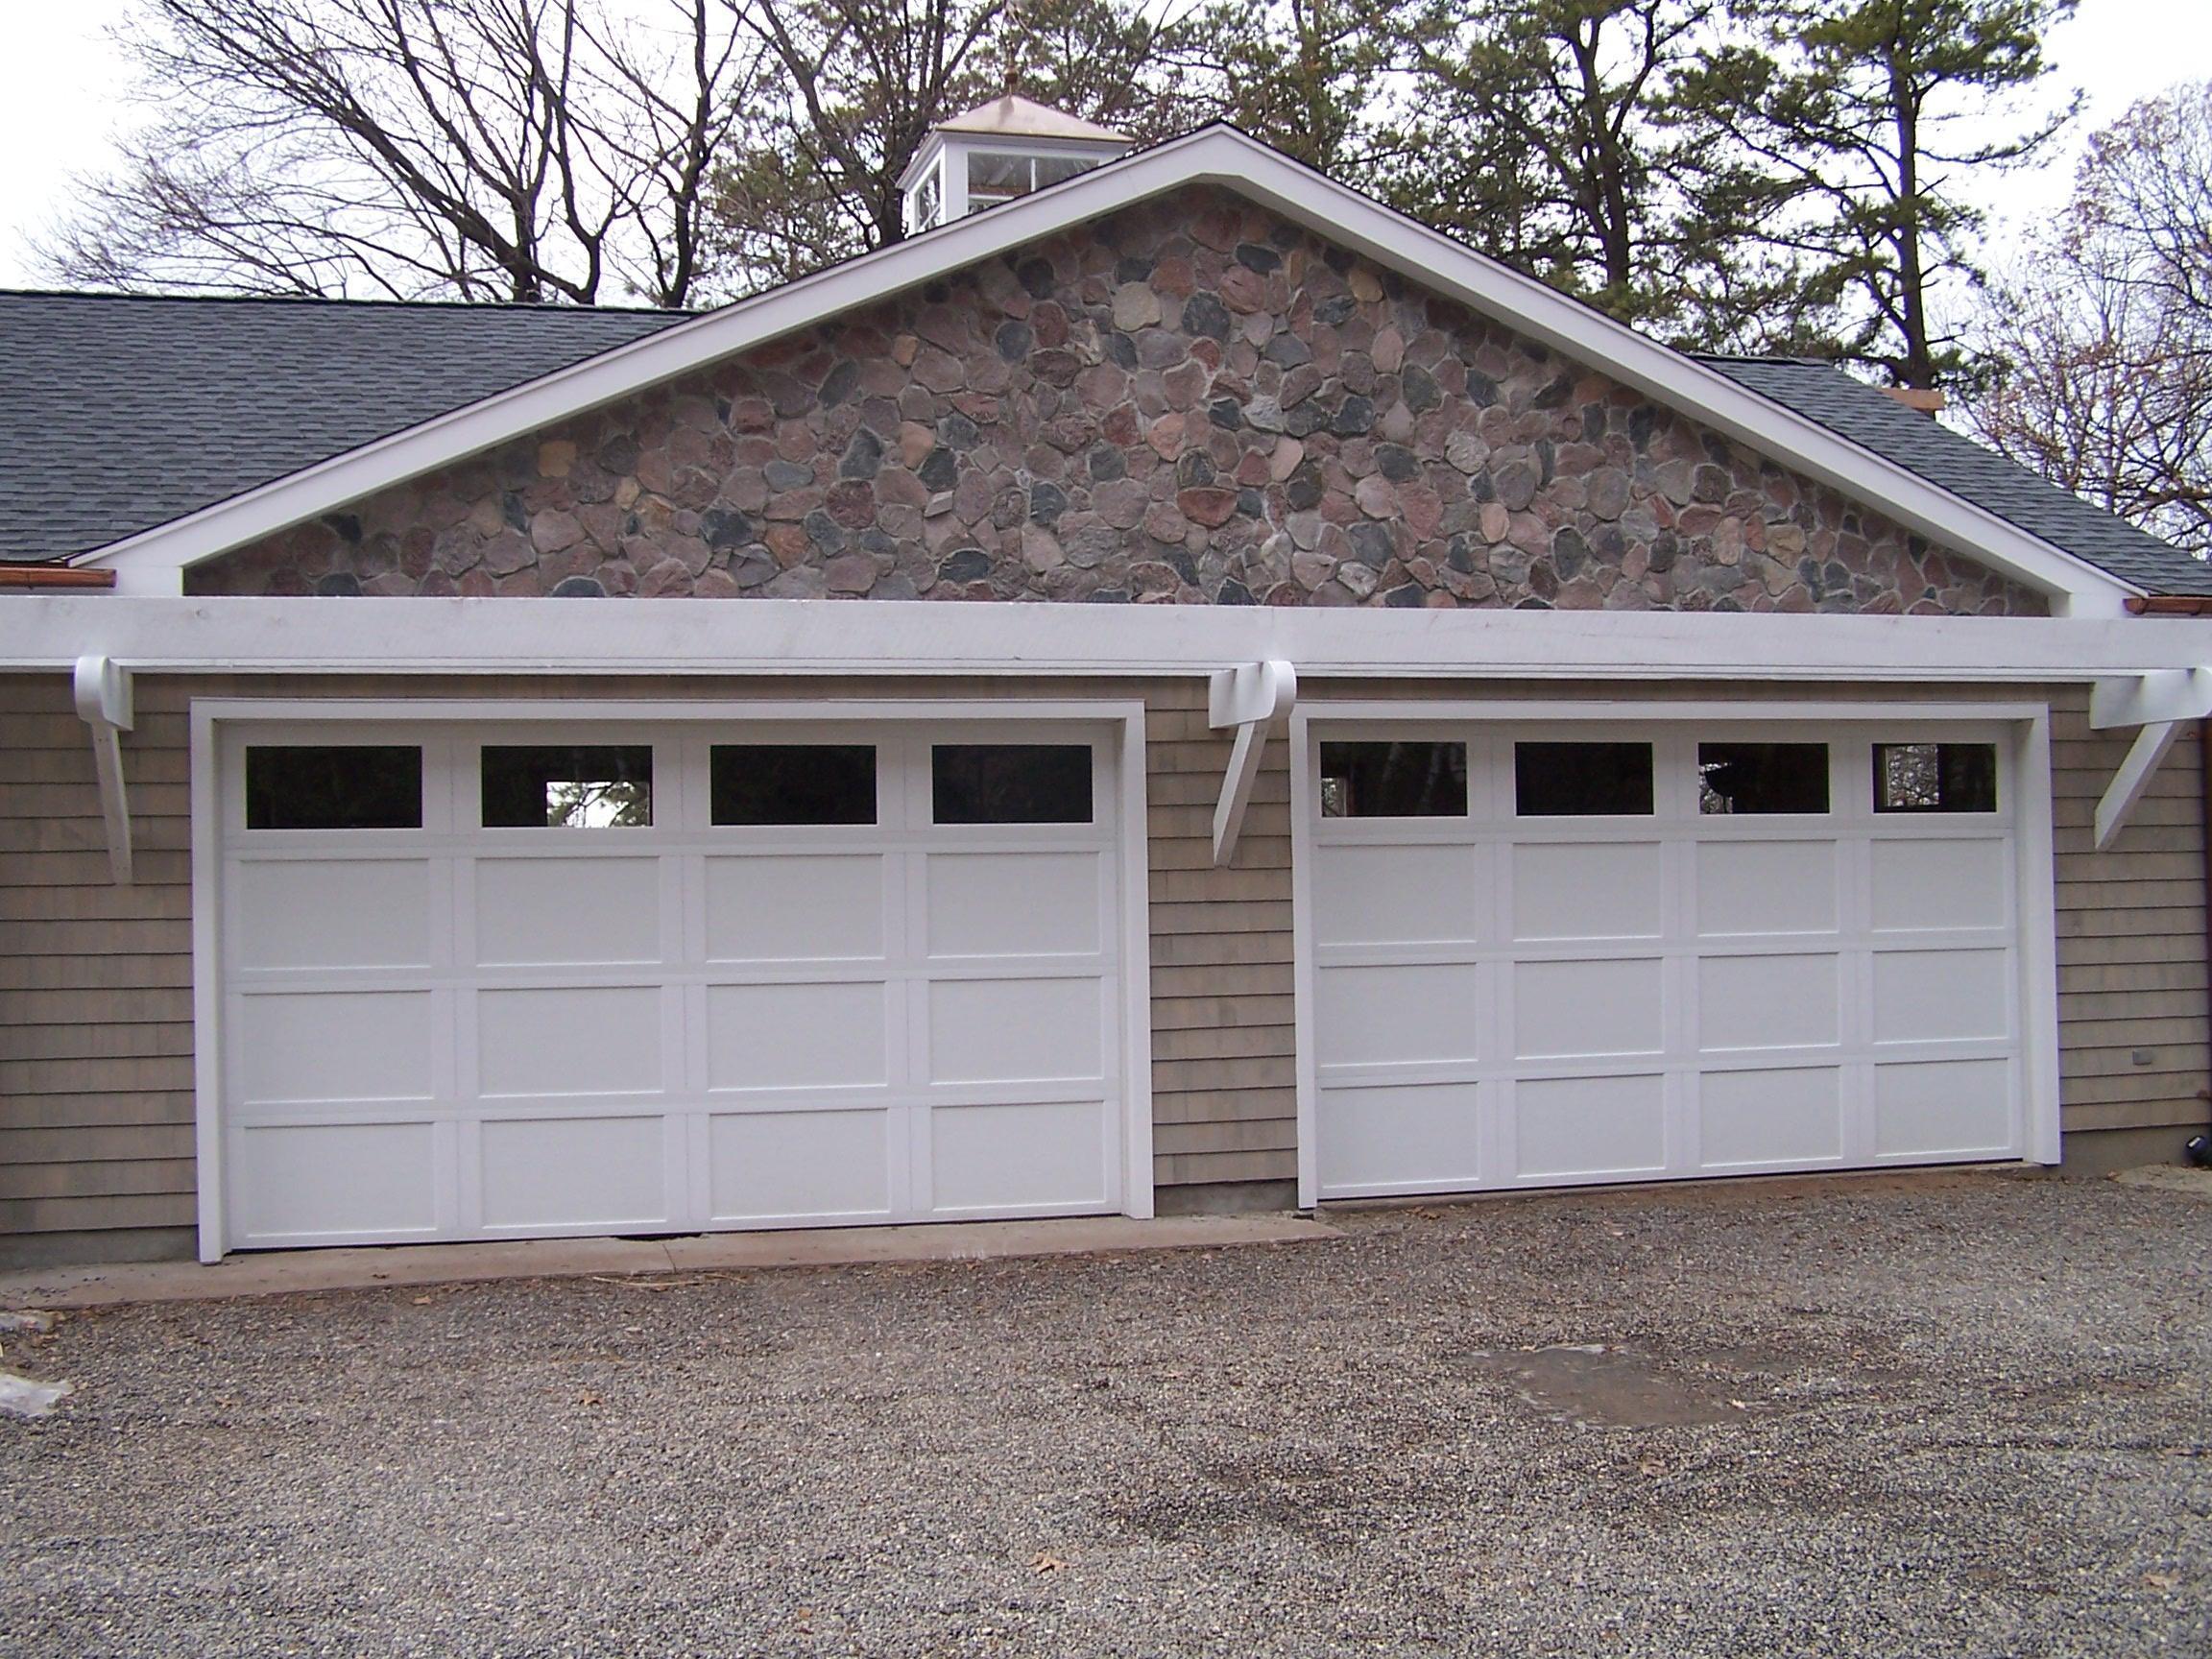 Douglas Garage Door Center, Inc In East Hartford, Ct. Locks For French Doors. Shed Door Hardware. Garage Door Lock Handle. Roller Garage Doors Prices. Roda Shower Doors. Garage Organizer Service. Kohler Shower Doors. Residential Exterior Doors